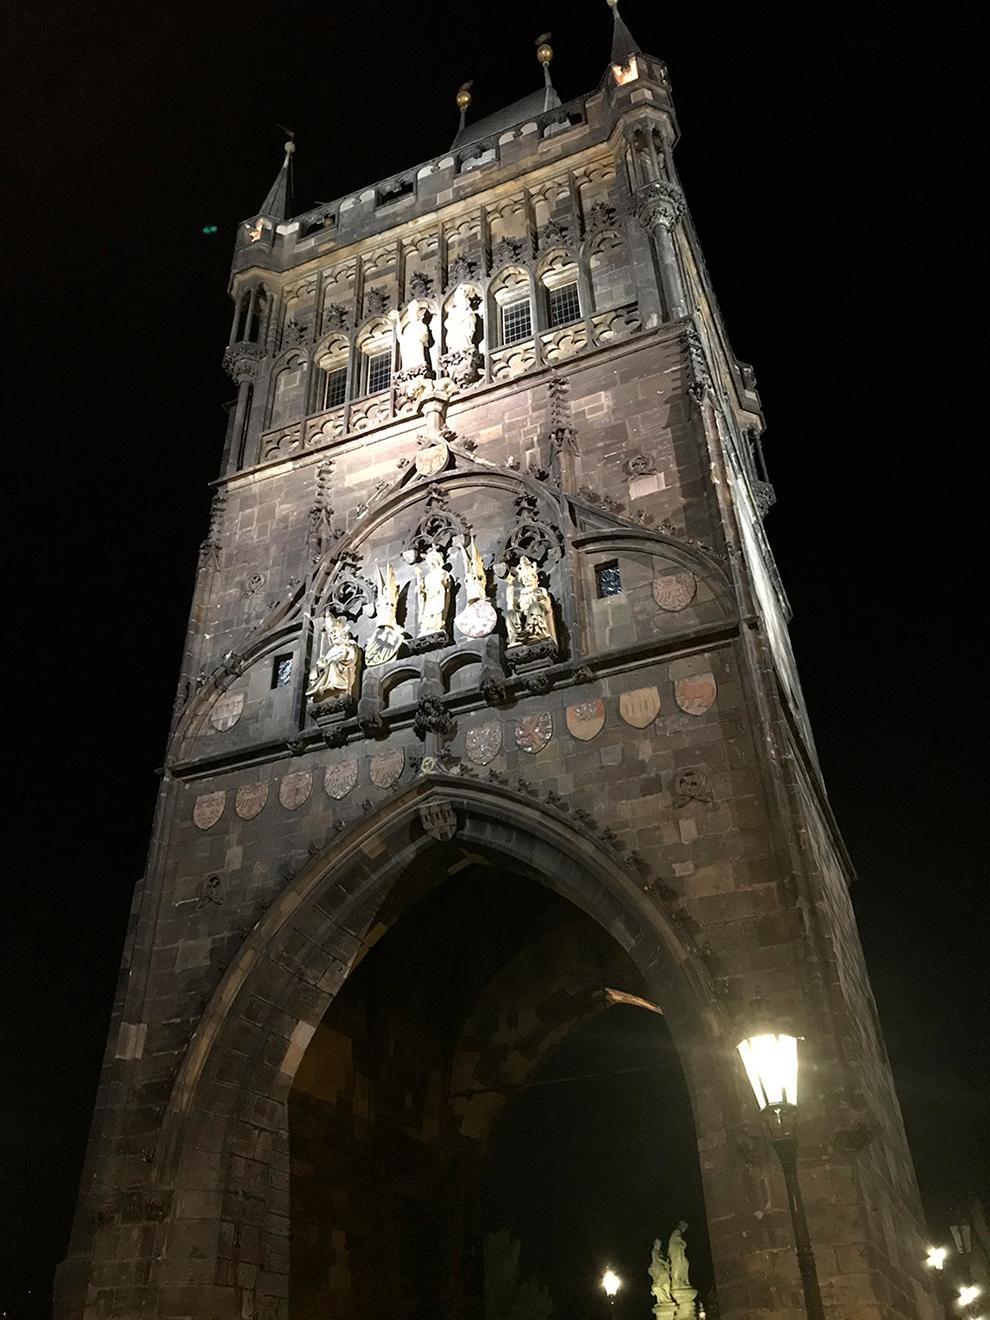 Староместскую мостовую башню строили 23 года